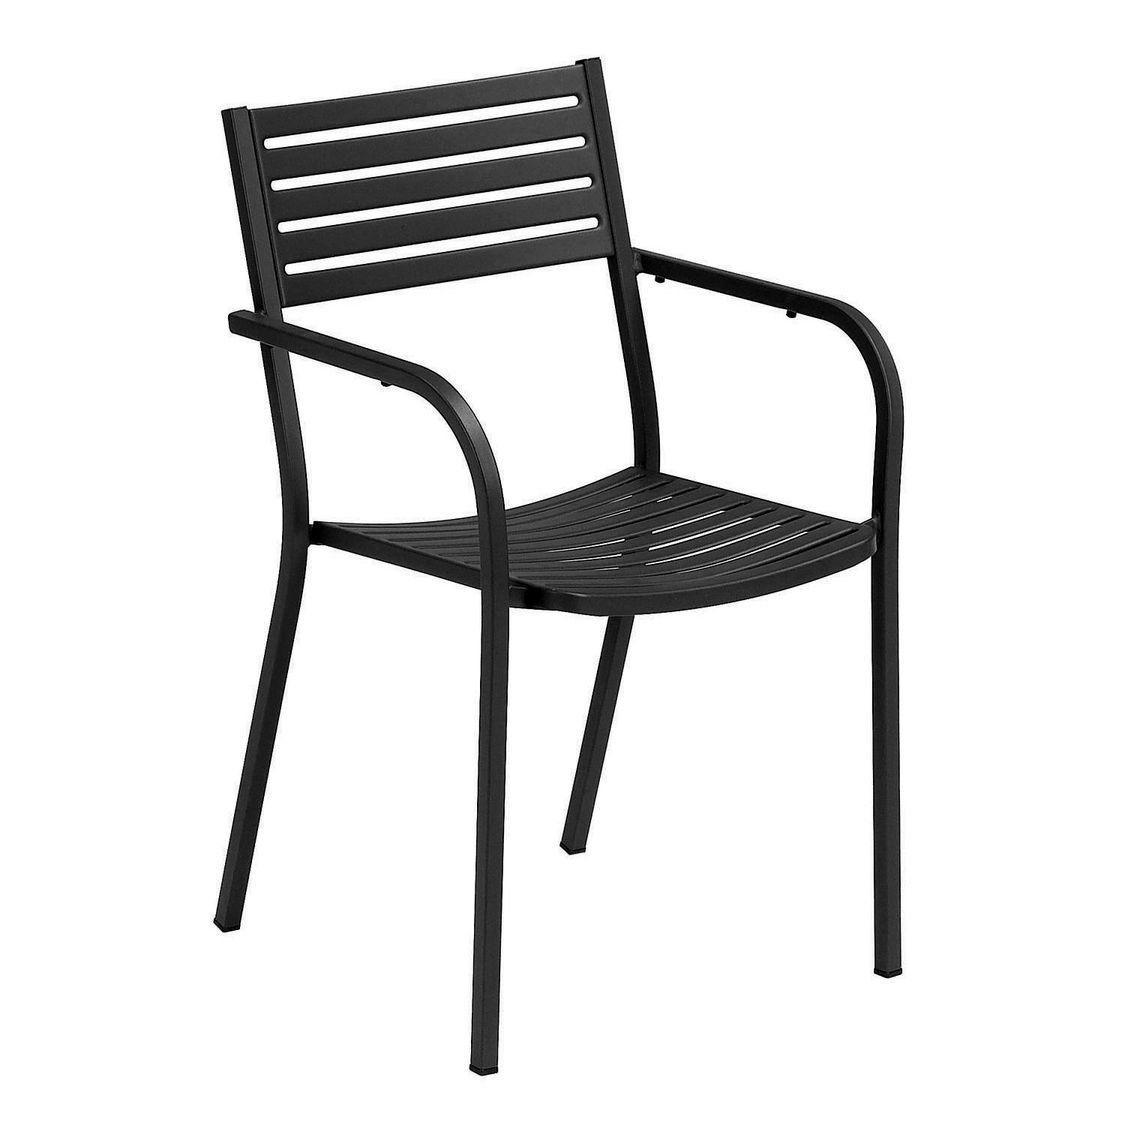 Segno Outdoor Armchair